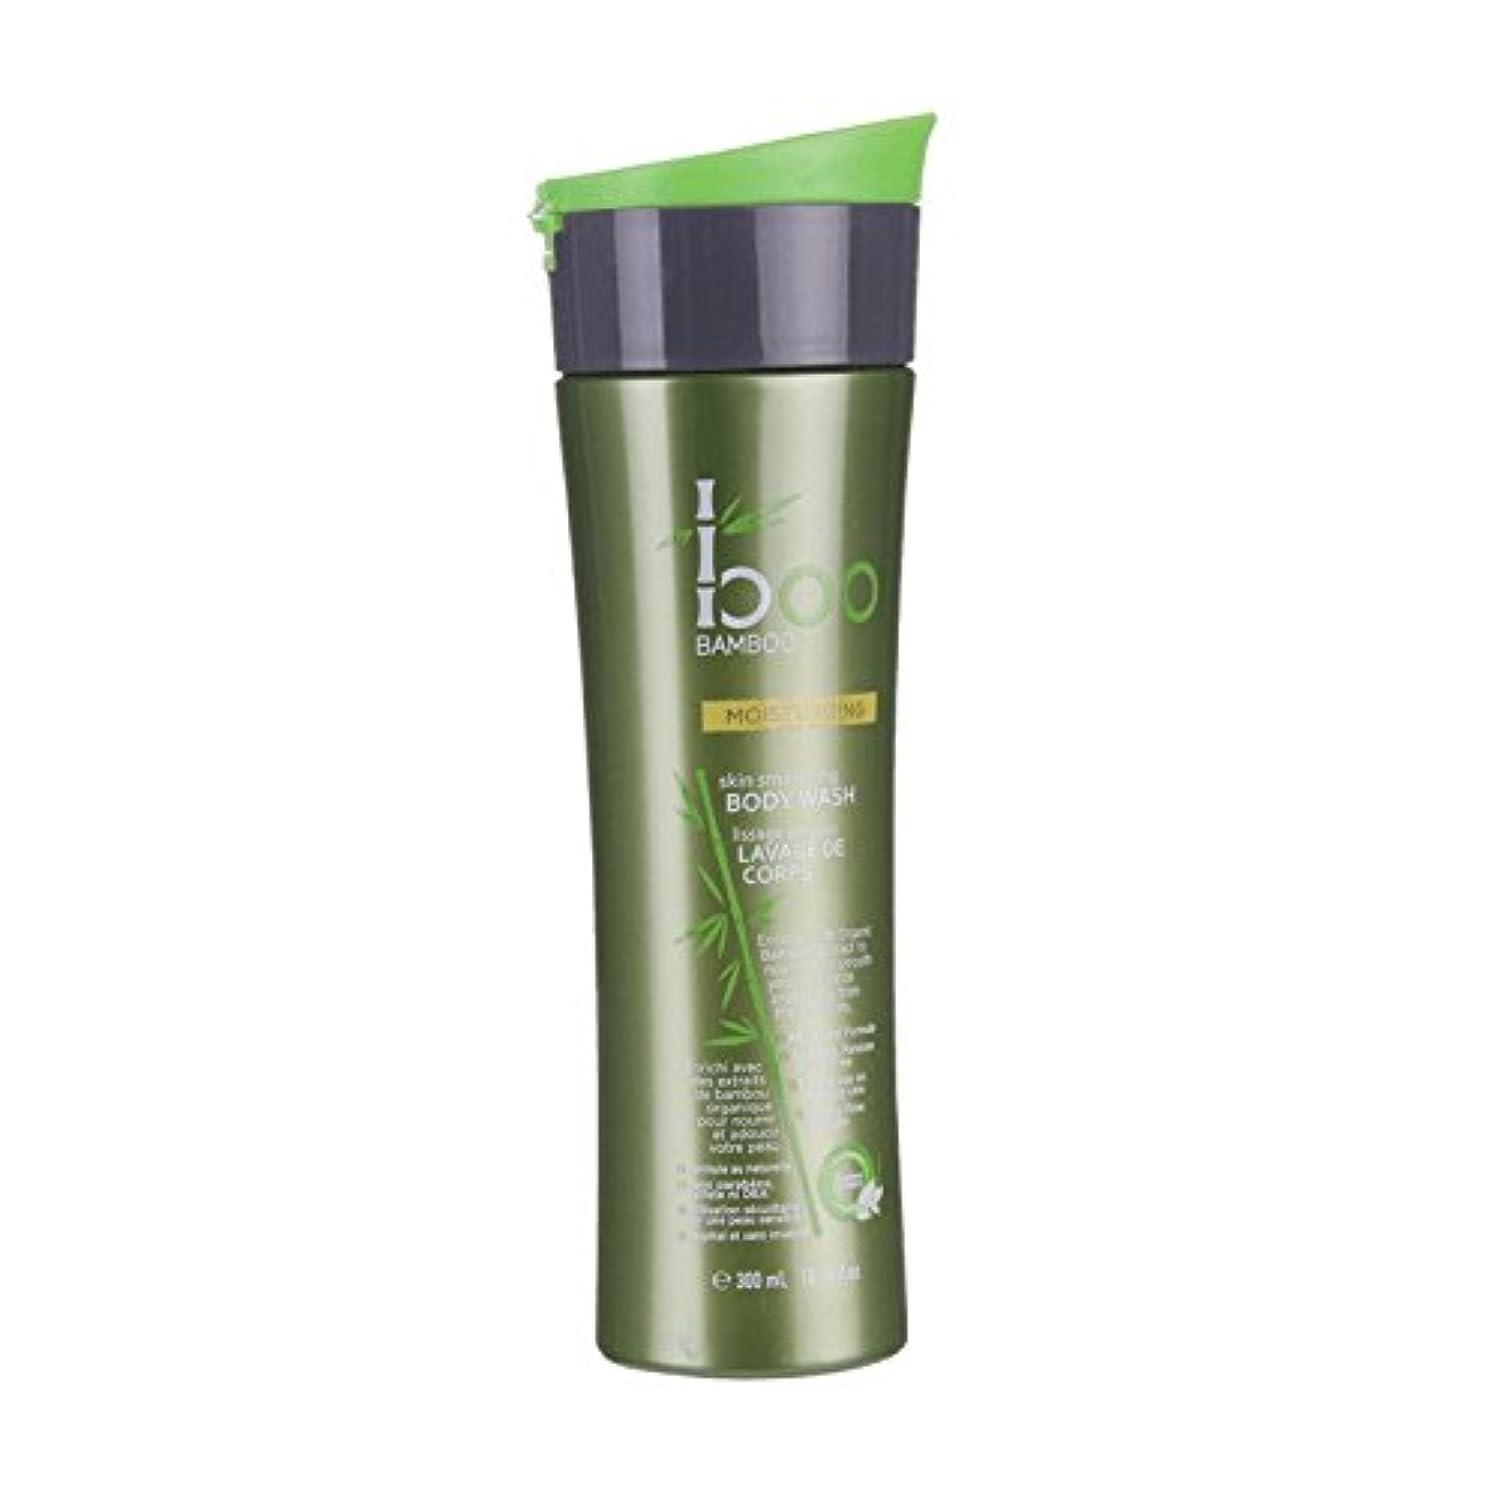 不正確幻滅する収入Boo Bamboo Moist Body Wash 300ml (Pack of 2) - 竹しっとりボディウォッシュ300ミリリットルブーイング (x2) [並行輸入品]